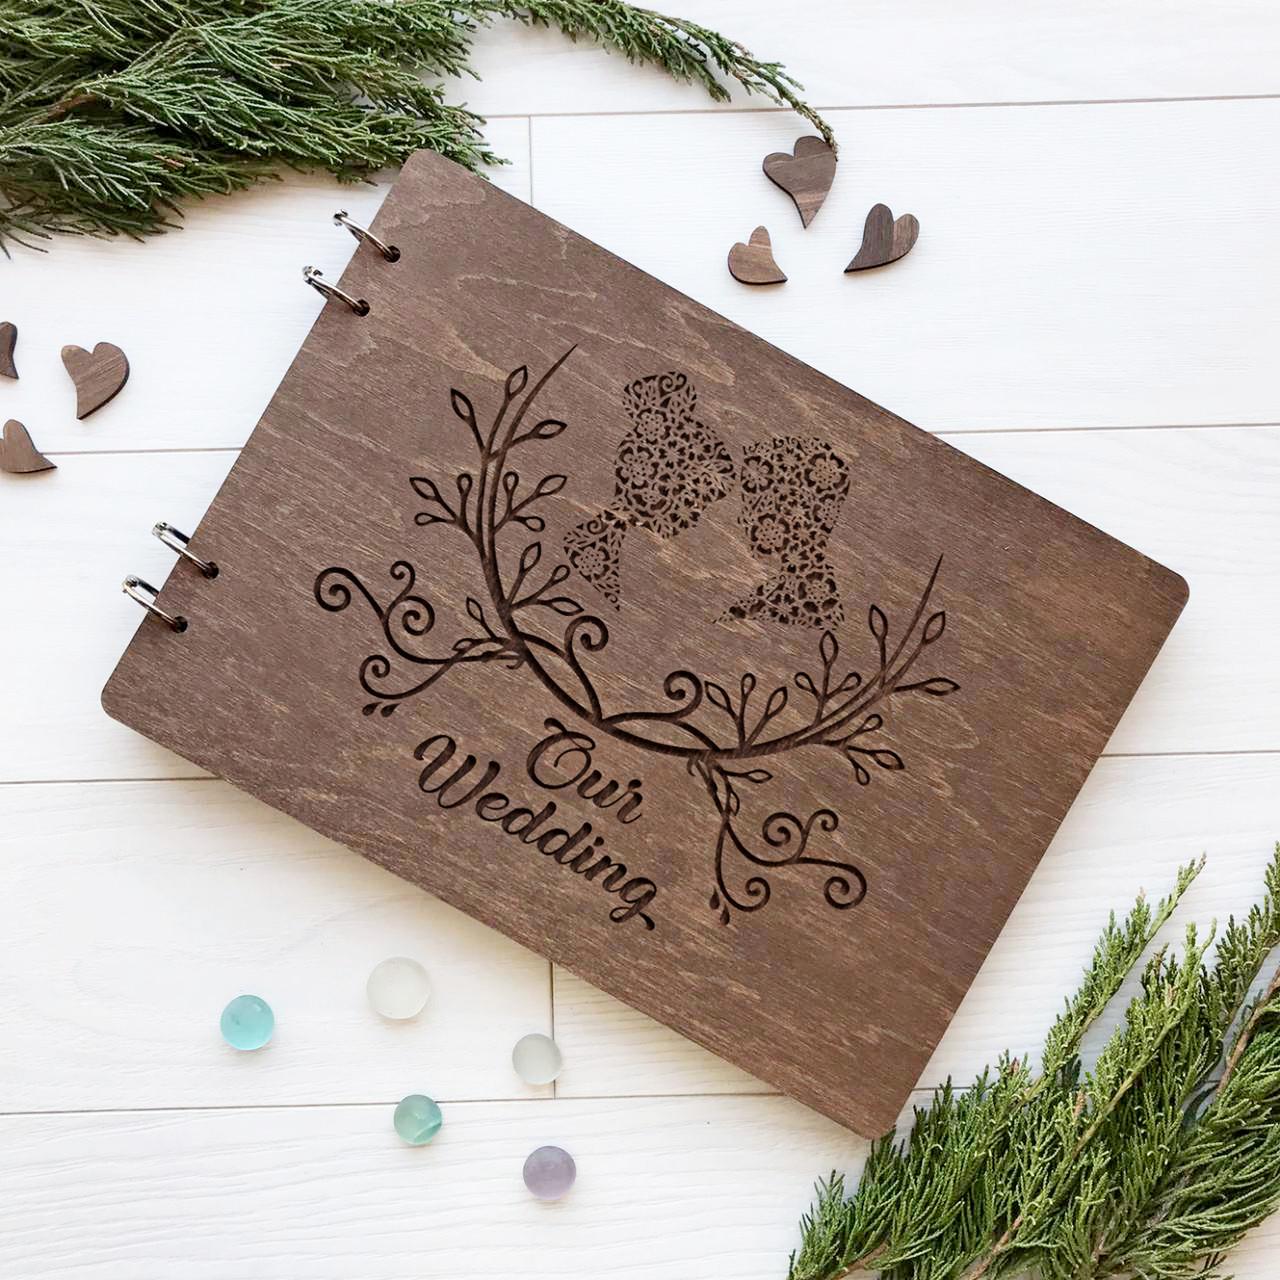 Стильный свадебный альбом для фото и записей в деревянной обложке